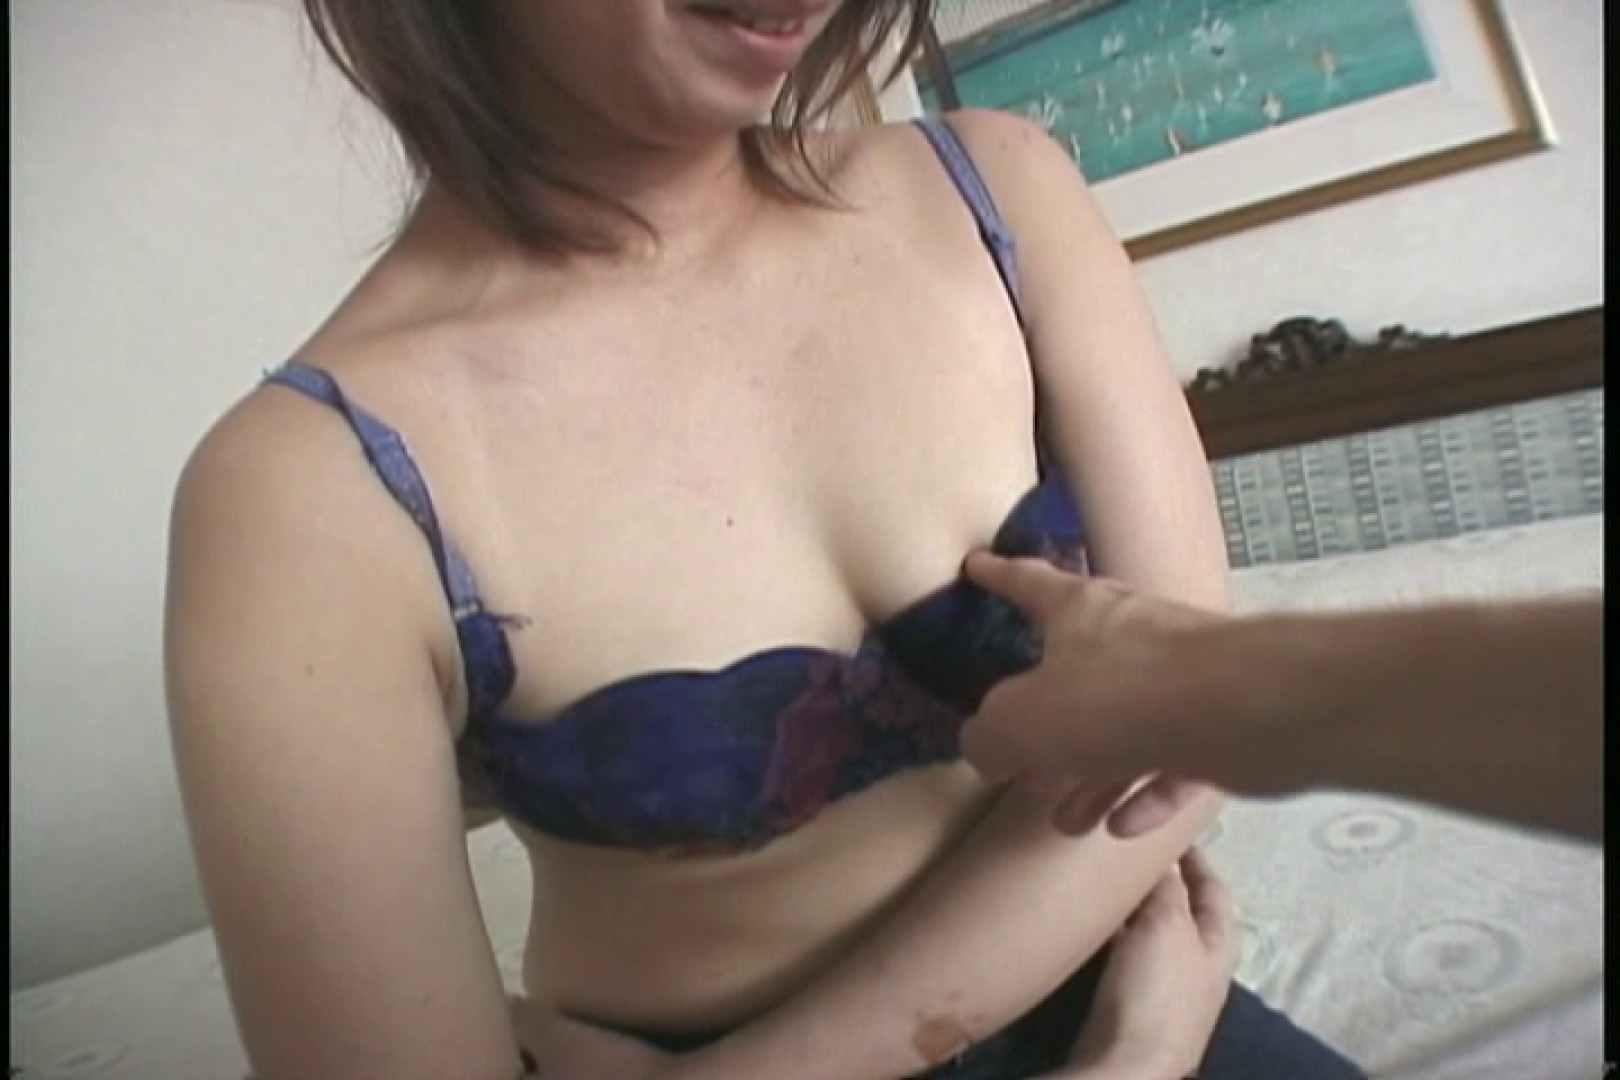 初めてのビデオ撮影に緊張する素人OLとセックス~武田じゅん~ オナニーし放題   綺麗なおっぱい  98pic 45